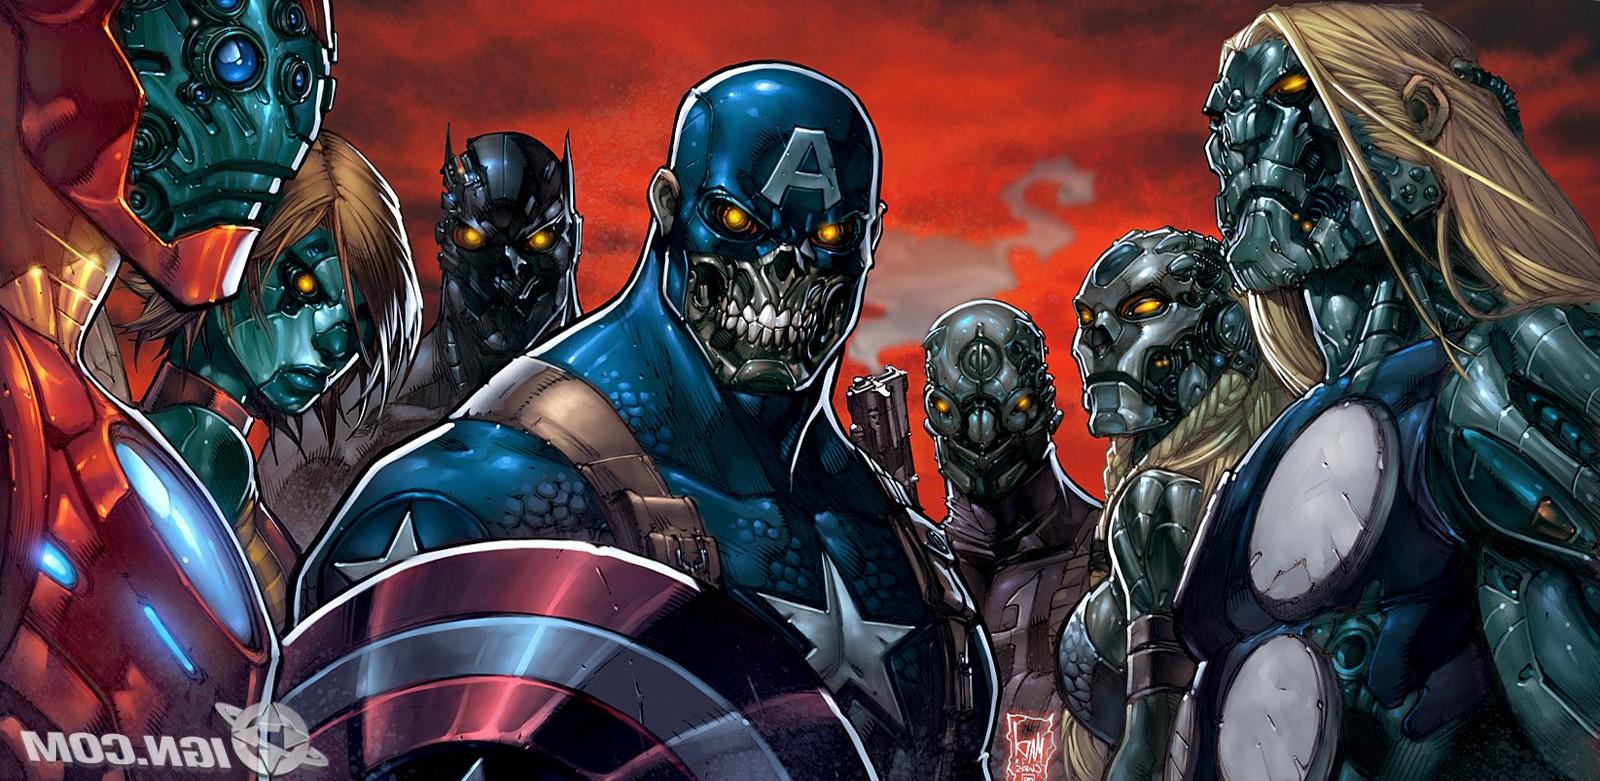 Papel De Parede Do Capitao America: Papel De Parede : Super Heroi, Capitão América, Esboçar